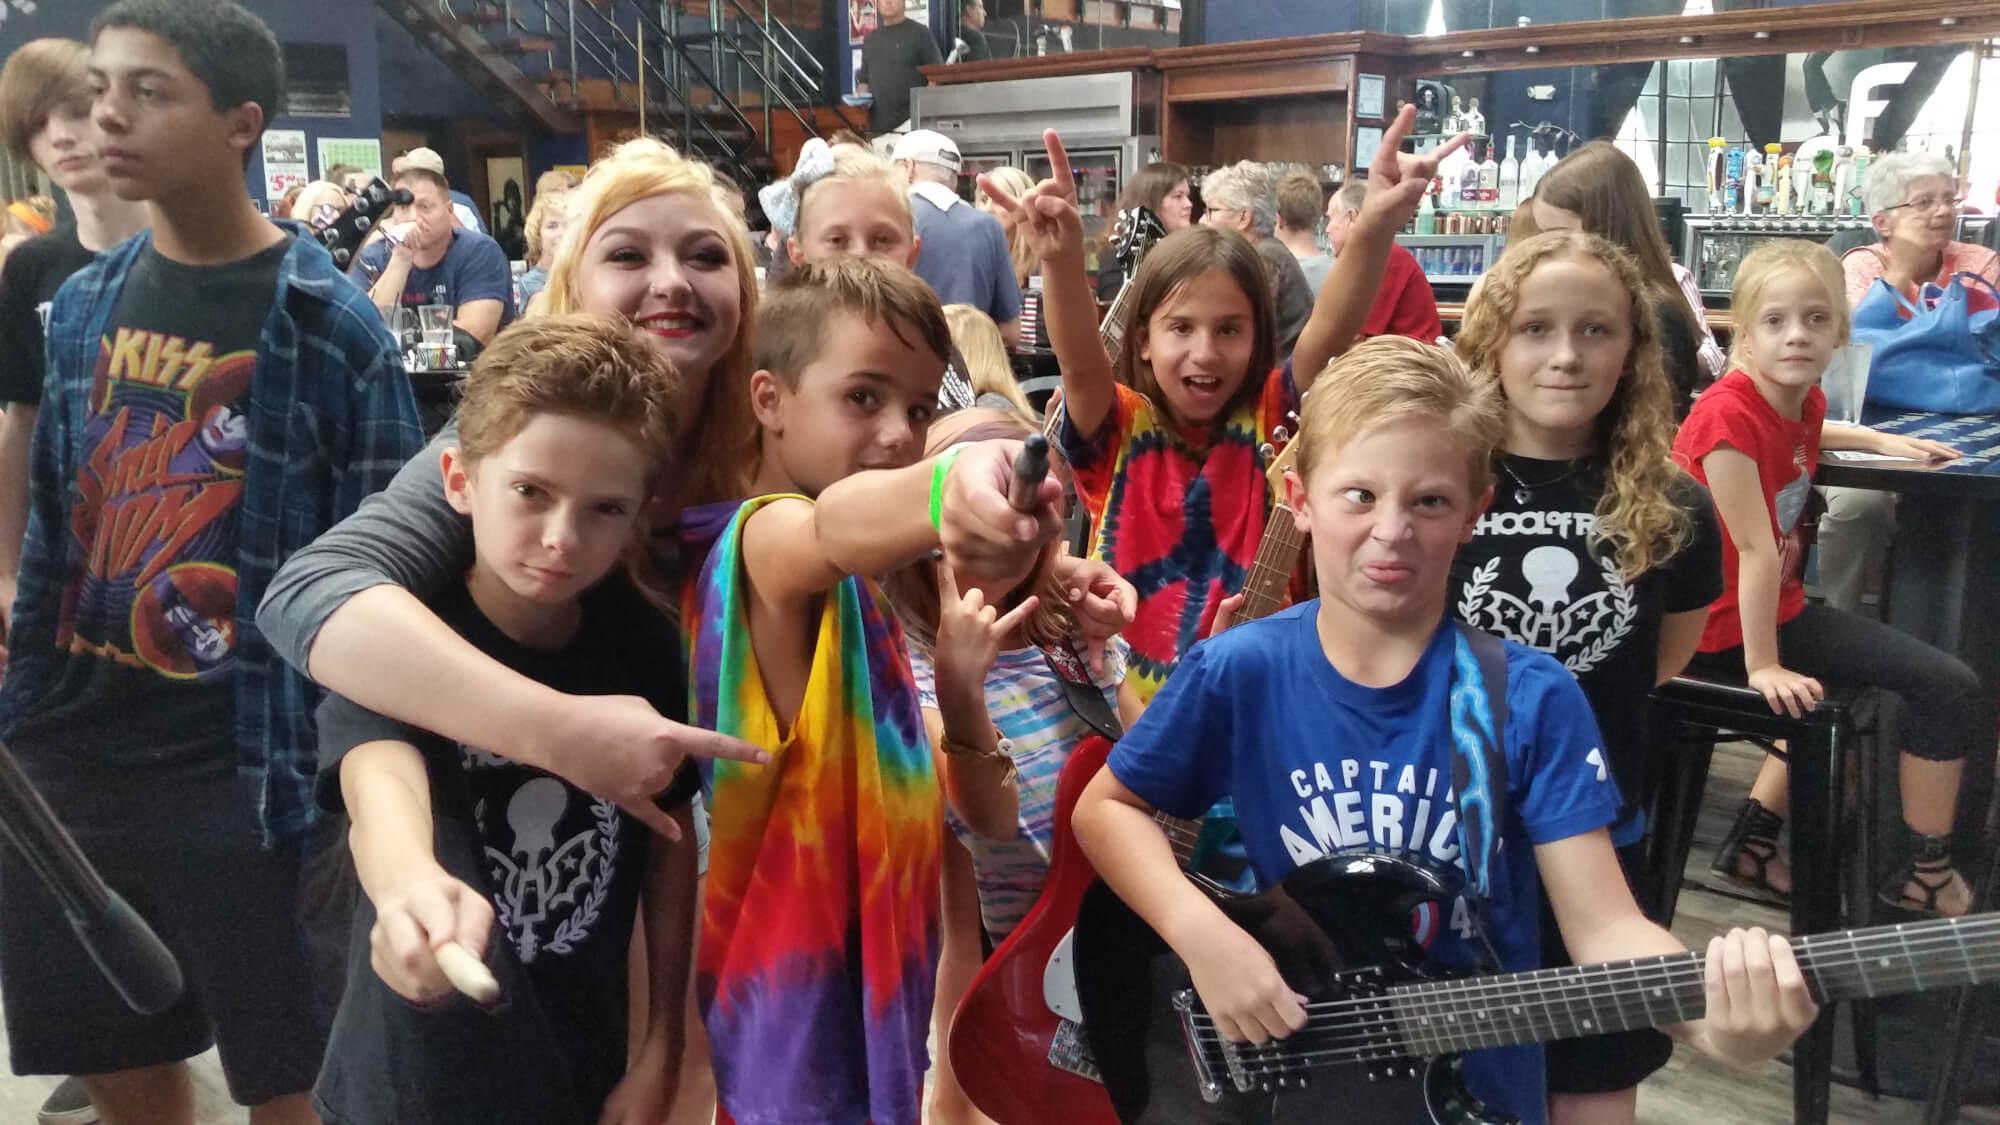 School of Rock Ozzfest & Warped Tour Summer 2016 Show